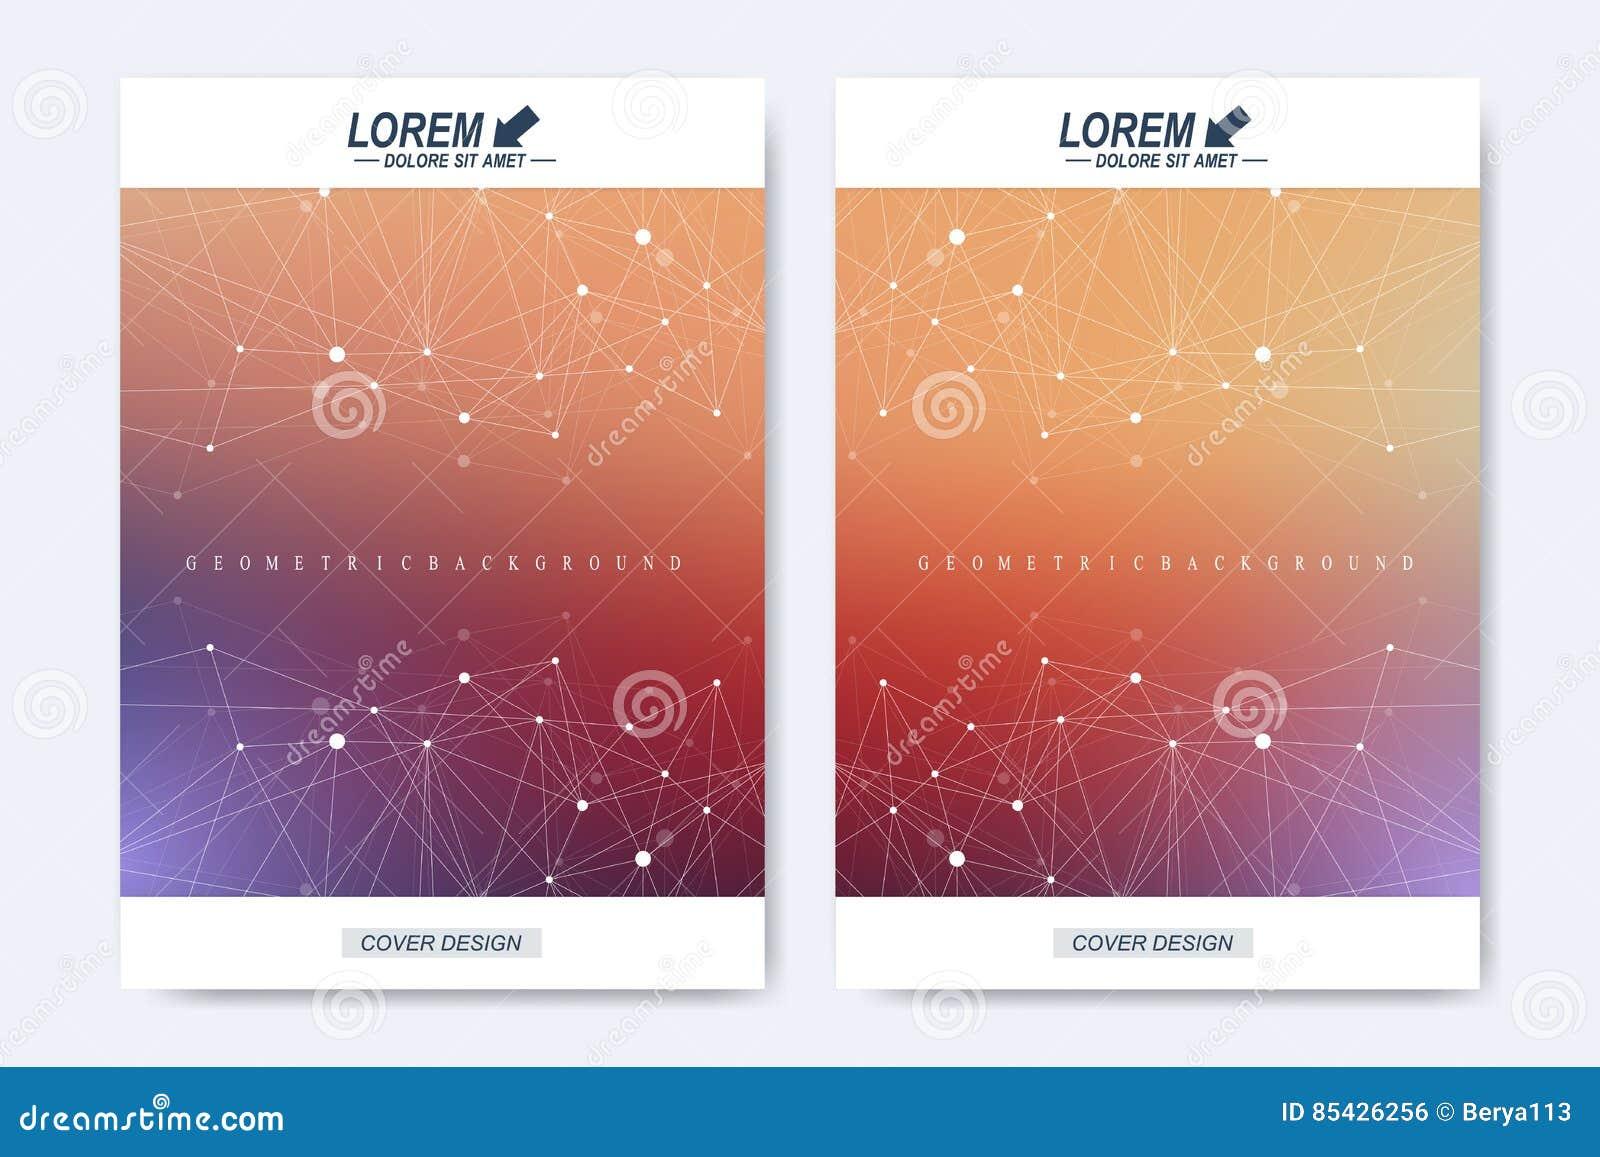 Σύγχρονο διανυσματικό πρότυπο για το φυλλάδιο, φυλλάδιο, ιπτάμενο, αναφορά, κάλυψη, κατάλογος, περιοδικό